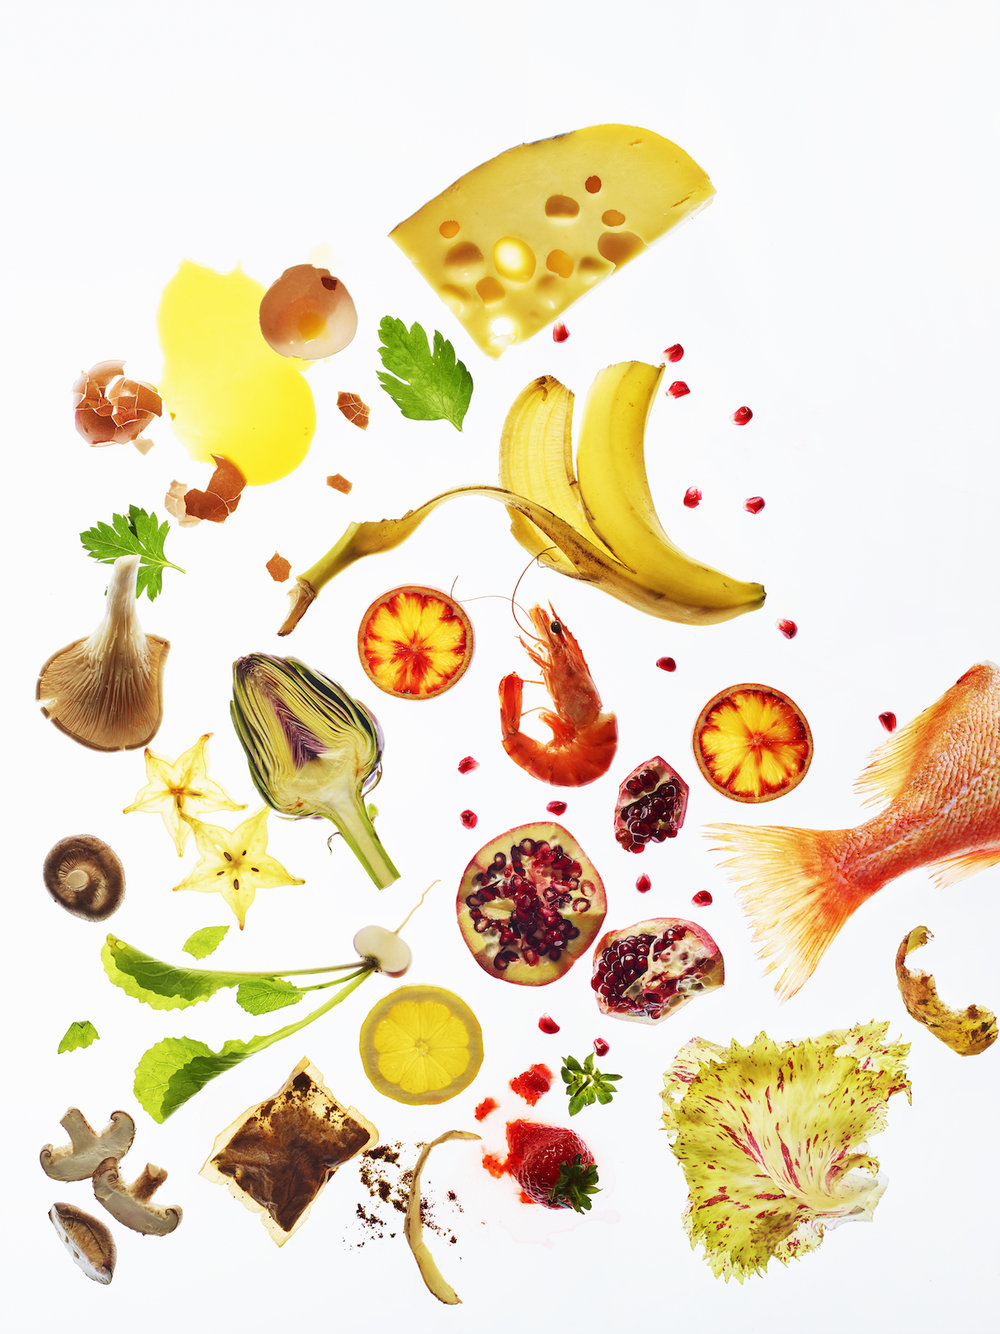 ქველი, ბლოგი, ხელოვანი, ხელოვნება, საჭმელი, სამზარეულო, ფოტოგრაფია, ქველიგრაფია, food, art, artworker, artwork, artist, photography, photographer, qwelly, blog, food stylist, recipe, writer